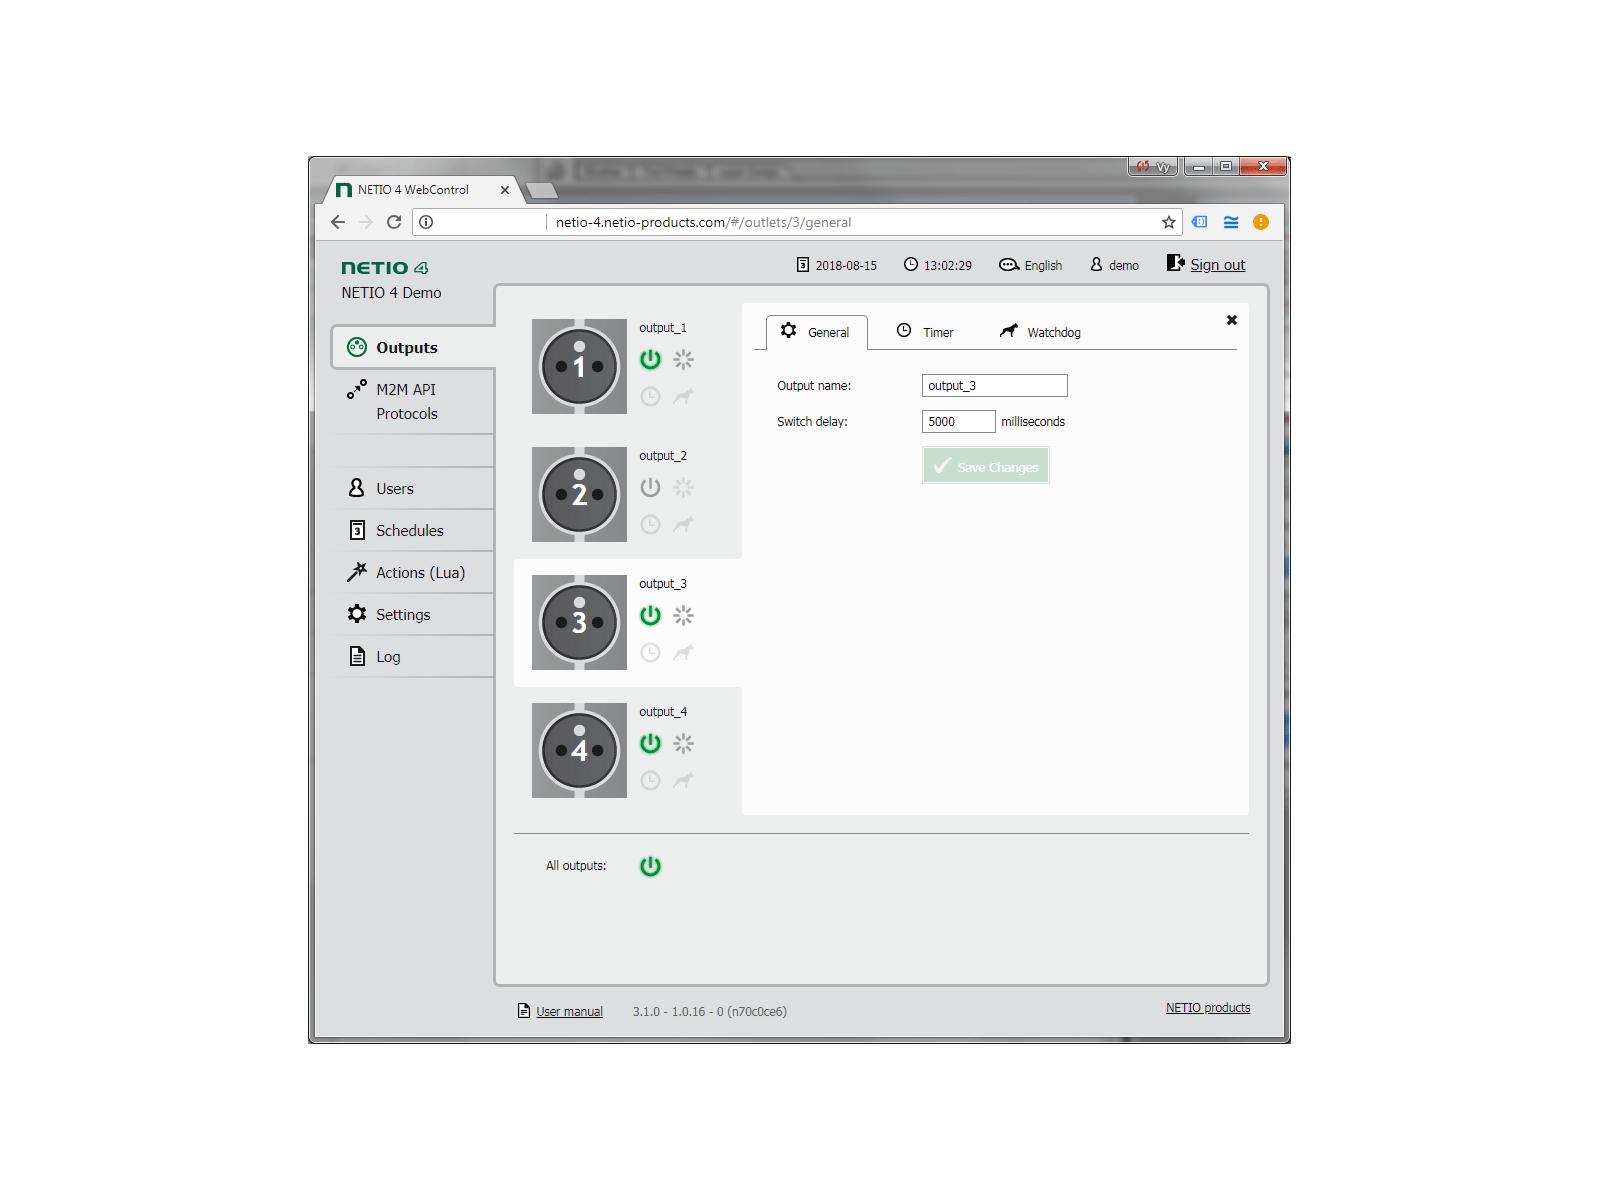 NETIO 4 má 4 výstupy. Každá zásuvka může být pojmenována a zapnutá / vypnutá, restartována (krátce vypnutá) nebo řízena funkcí WatchDog nebo funkcí Scheduler.